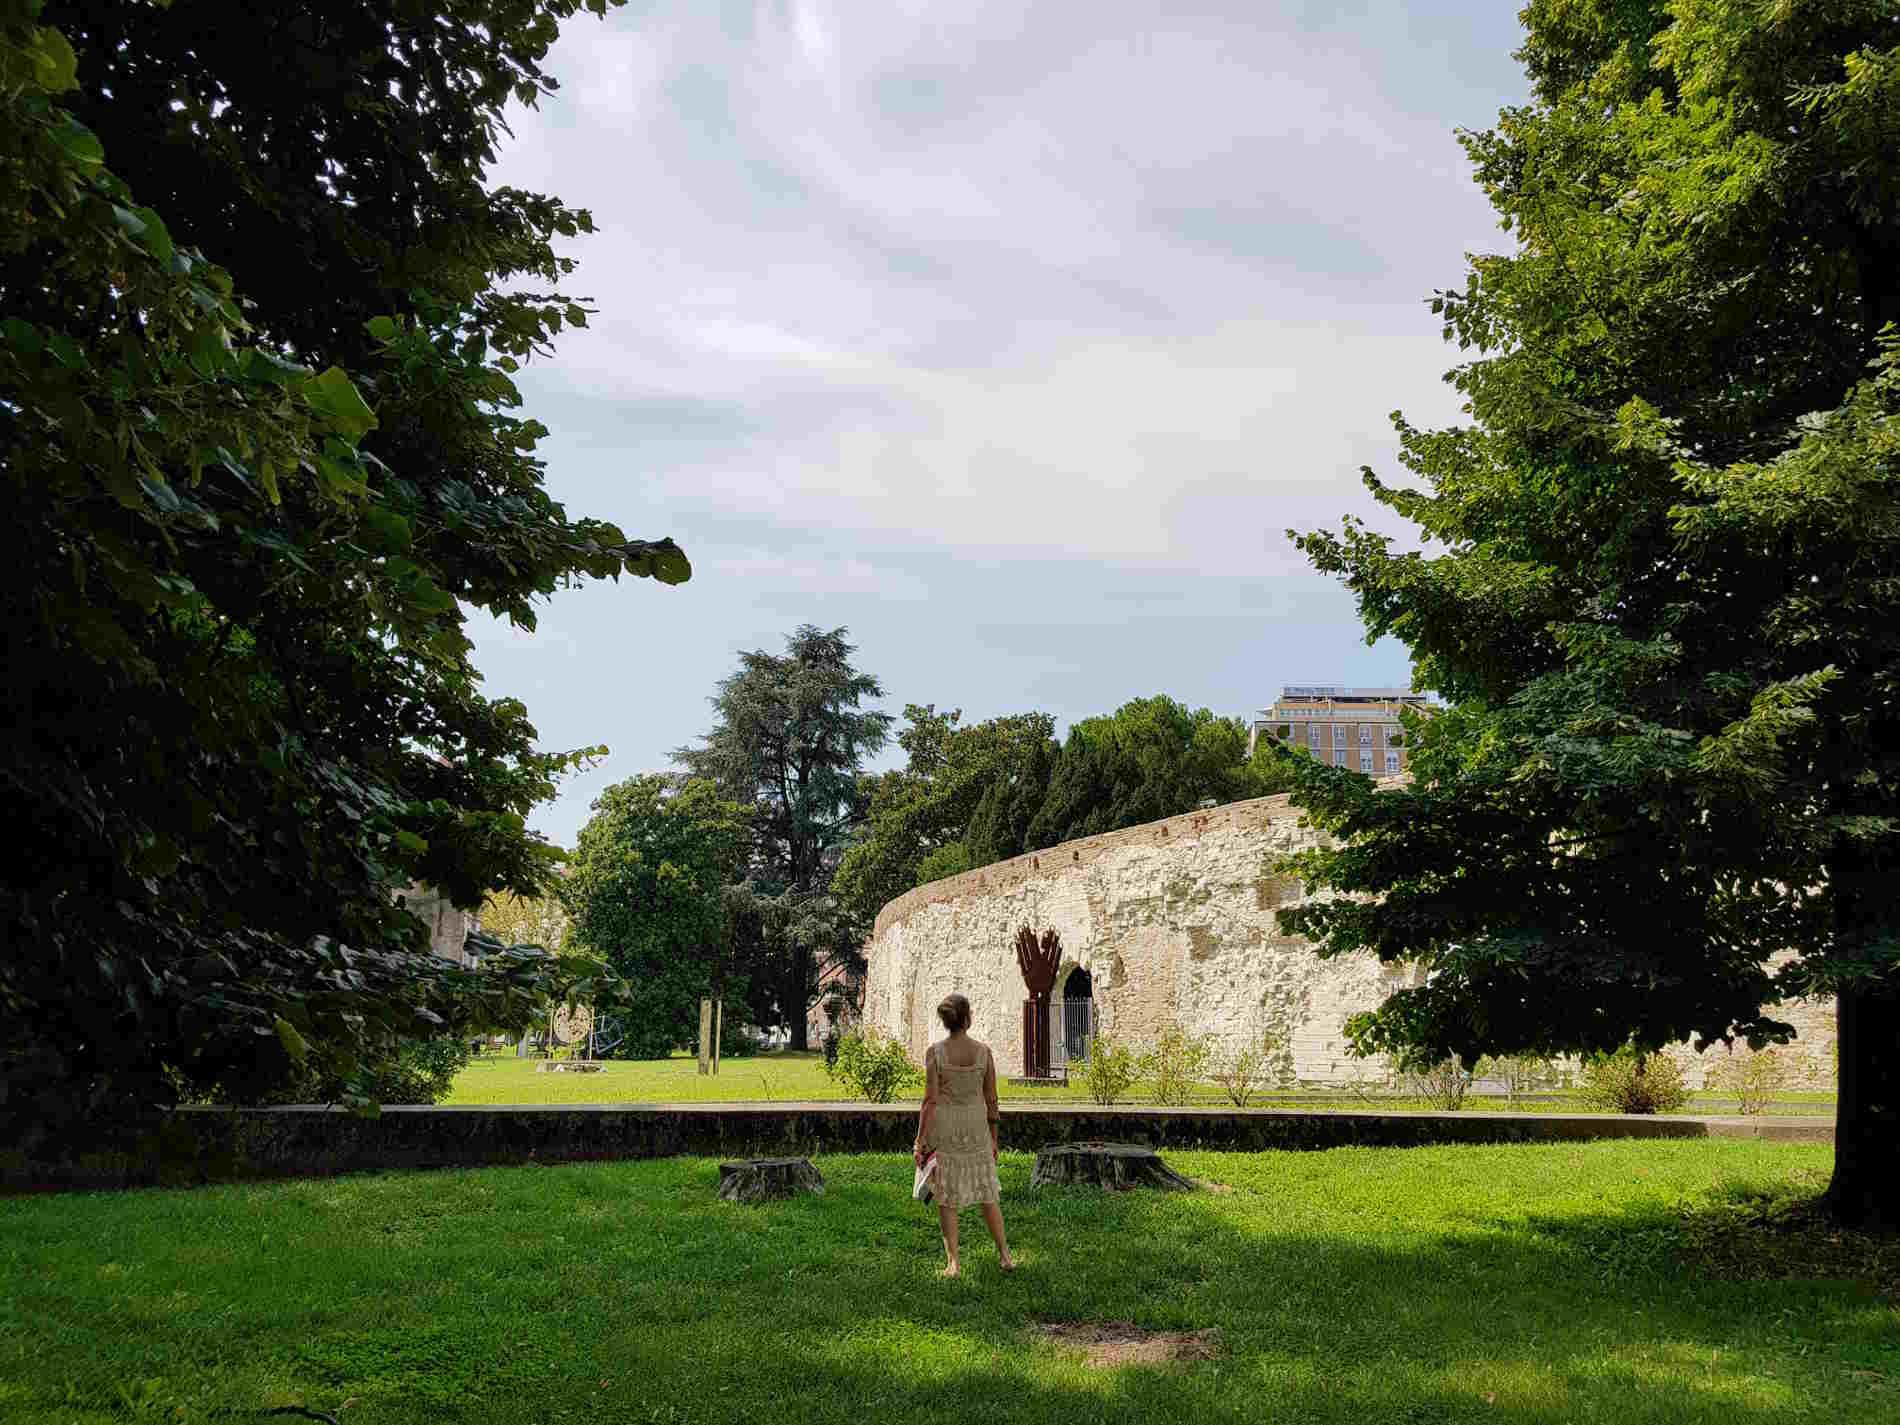 Giardino davanti alla celebre cappella degli Scrovegni a Padova affrescata da Giotto